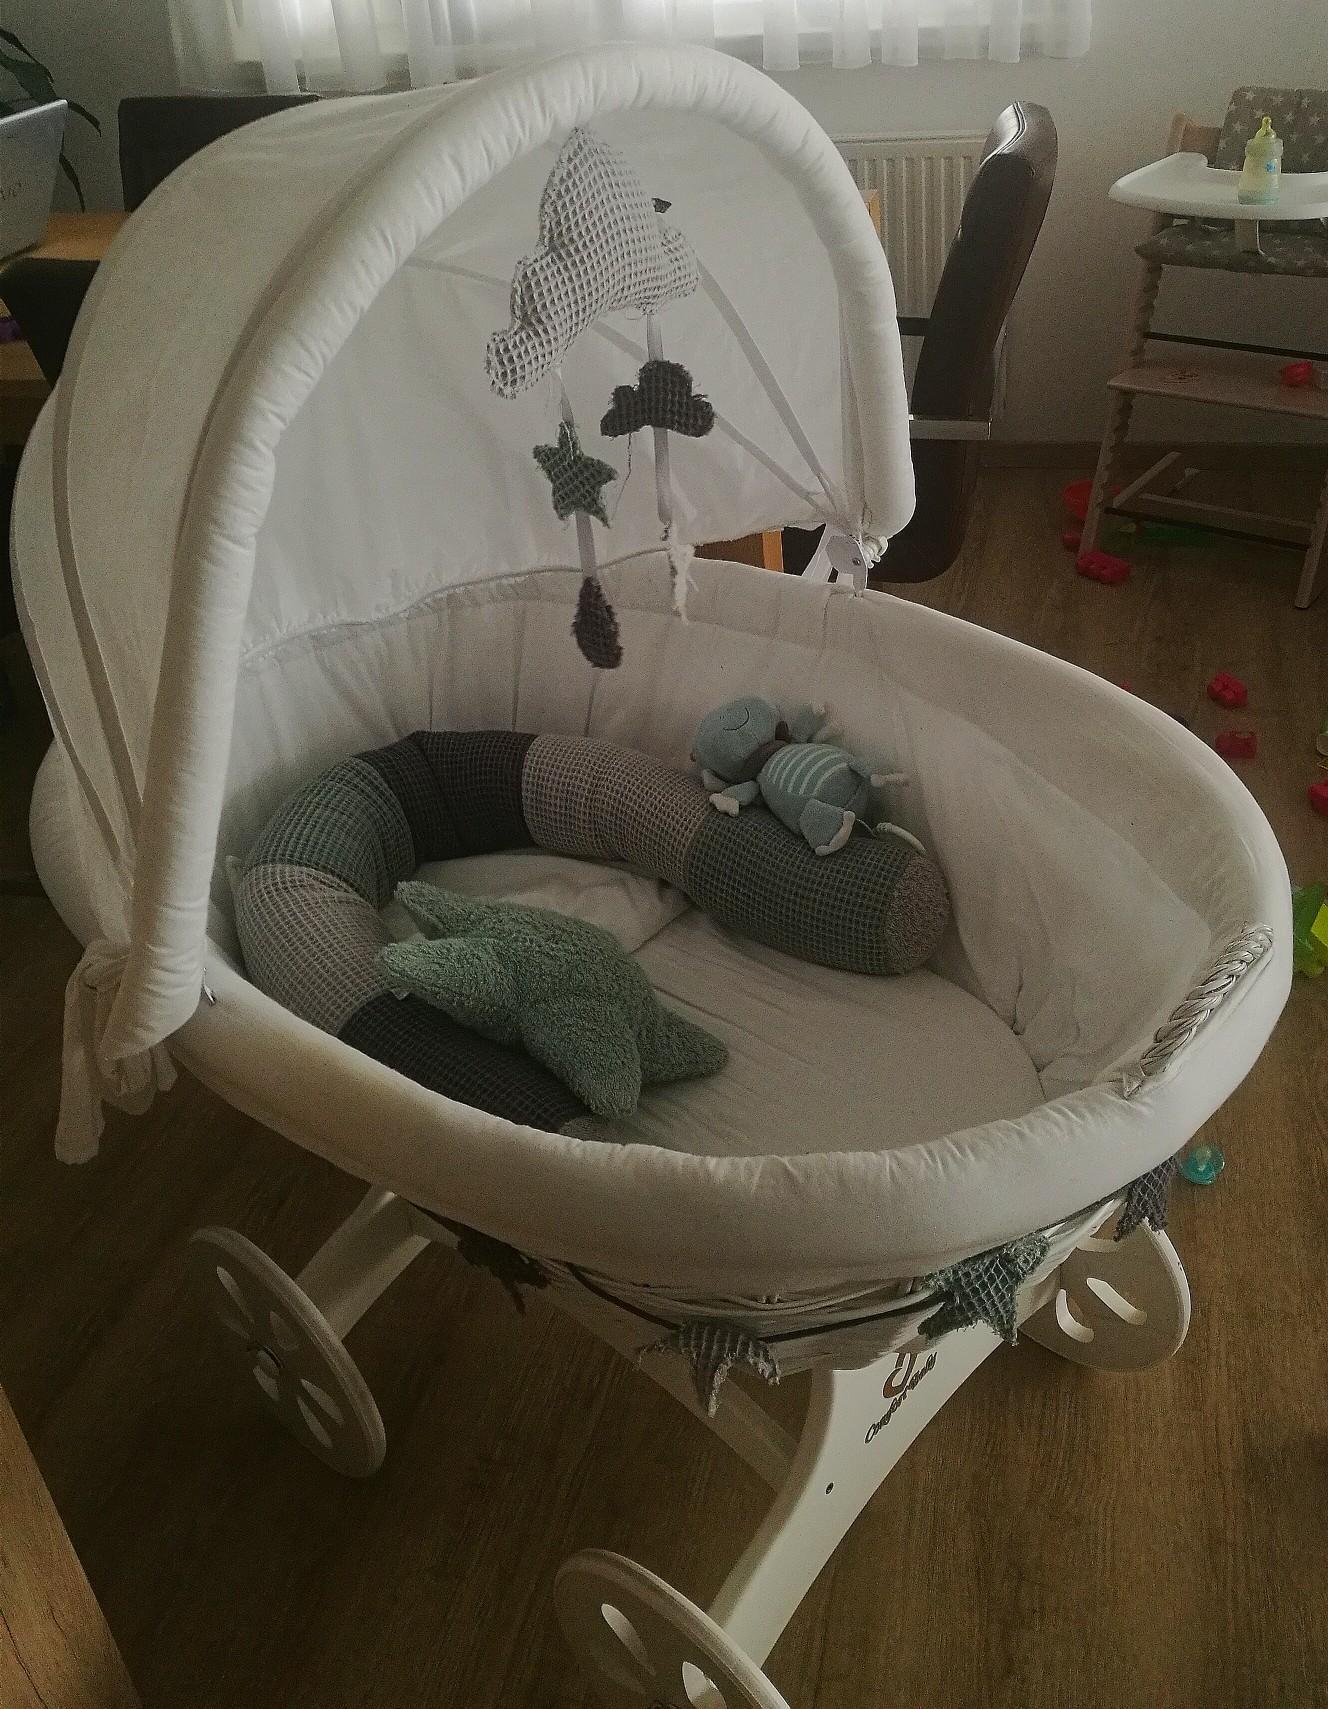 Gebraucht comfort baby stubenwagen xxl in gemeinde schwechat